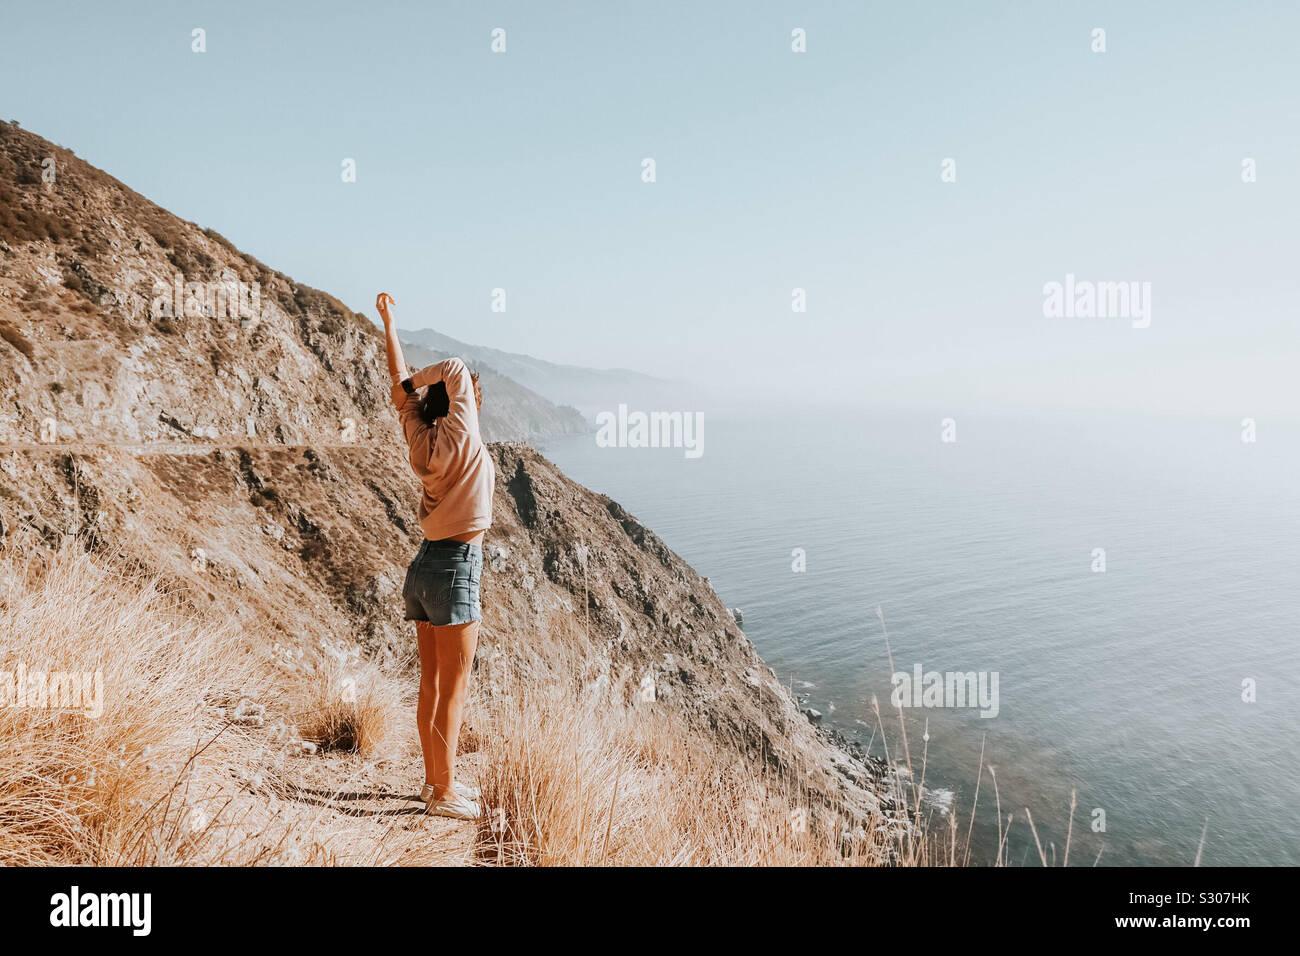 Mädchen gut fühlen, glücklich, dankbar, Big Sur, Meerblick Stockfoto